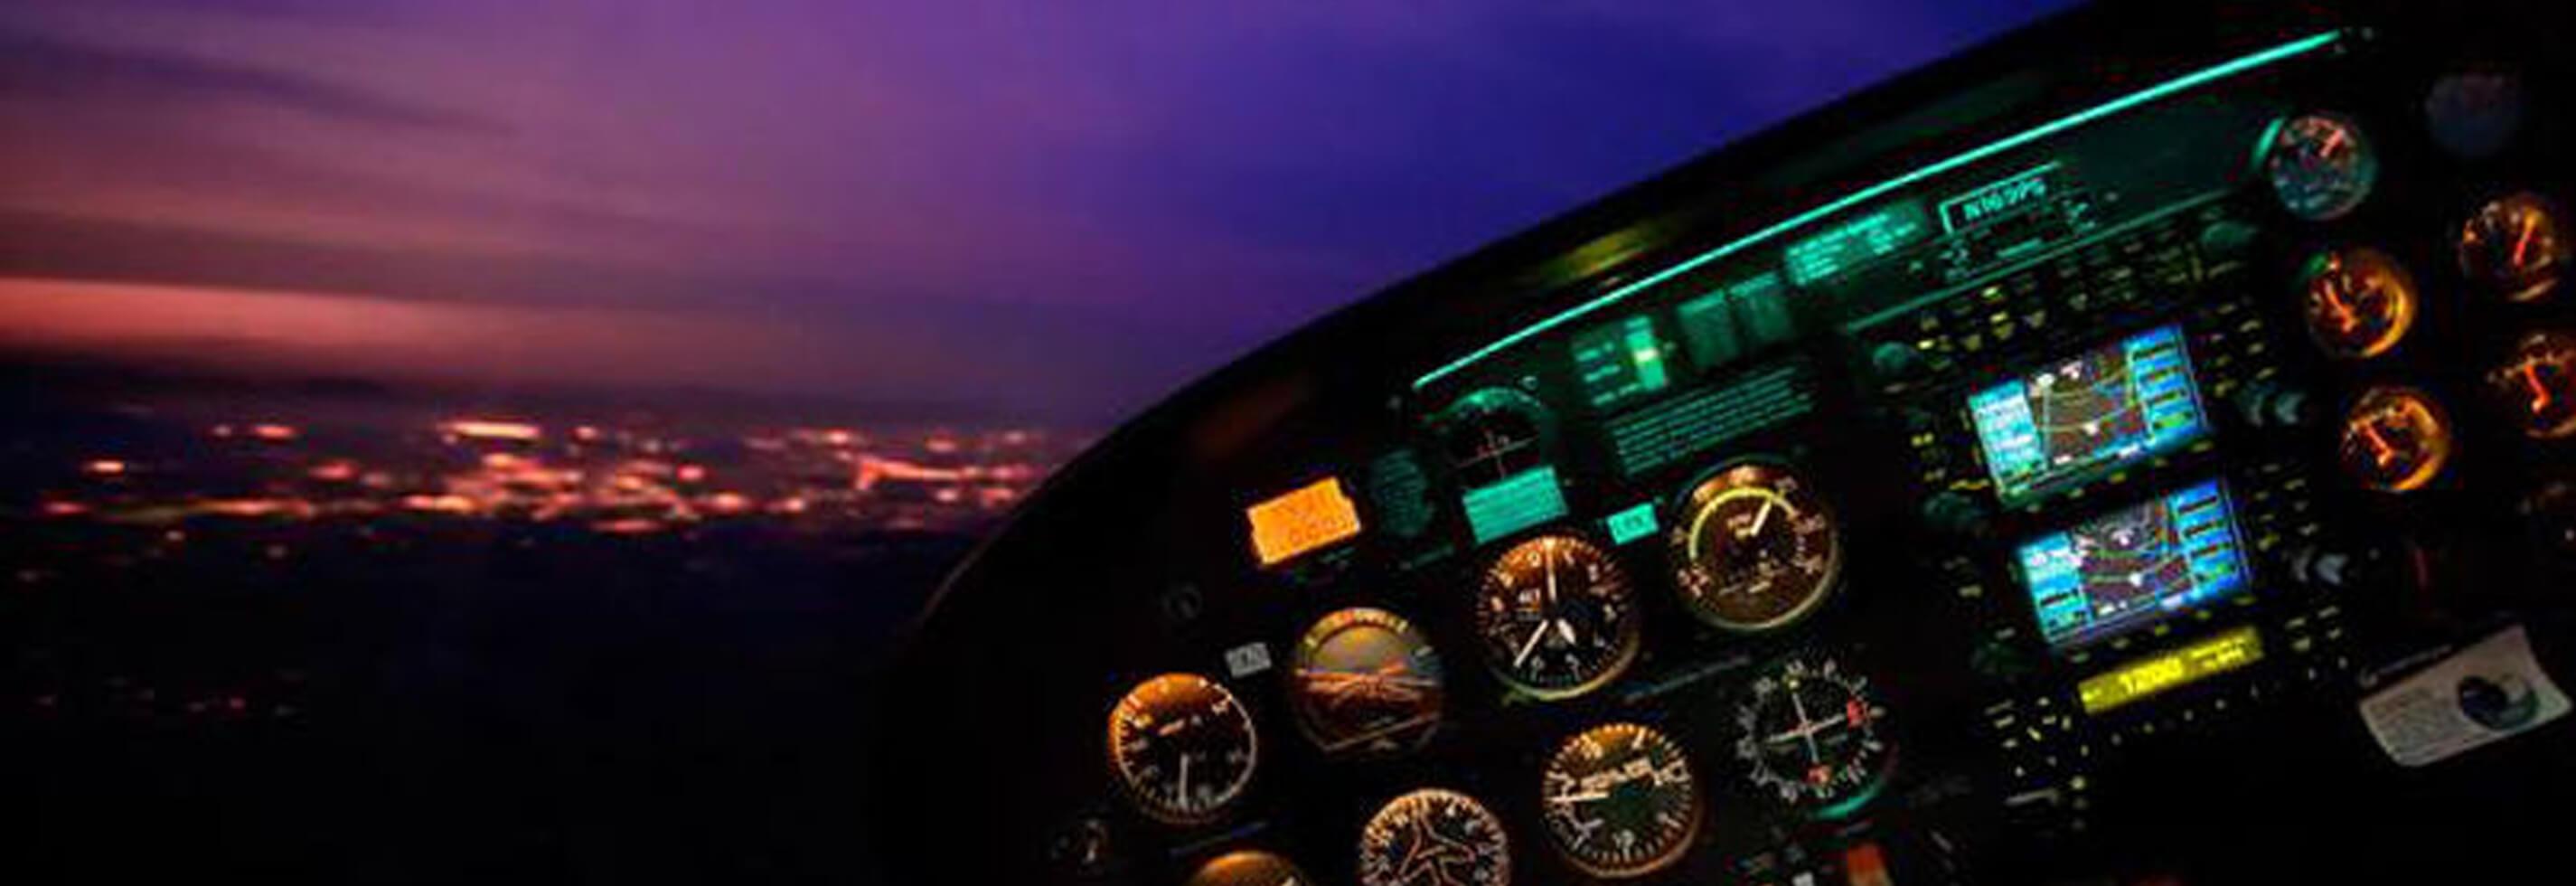 Nattutsjekk Sandefjord Flyklubb